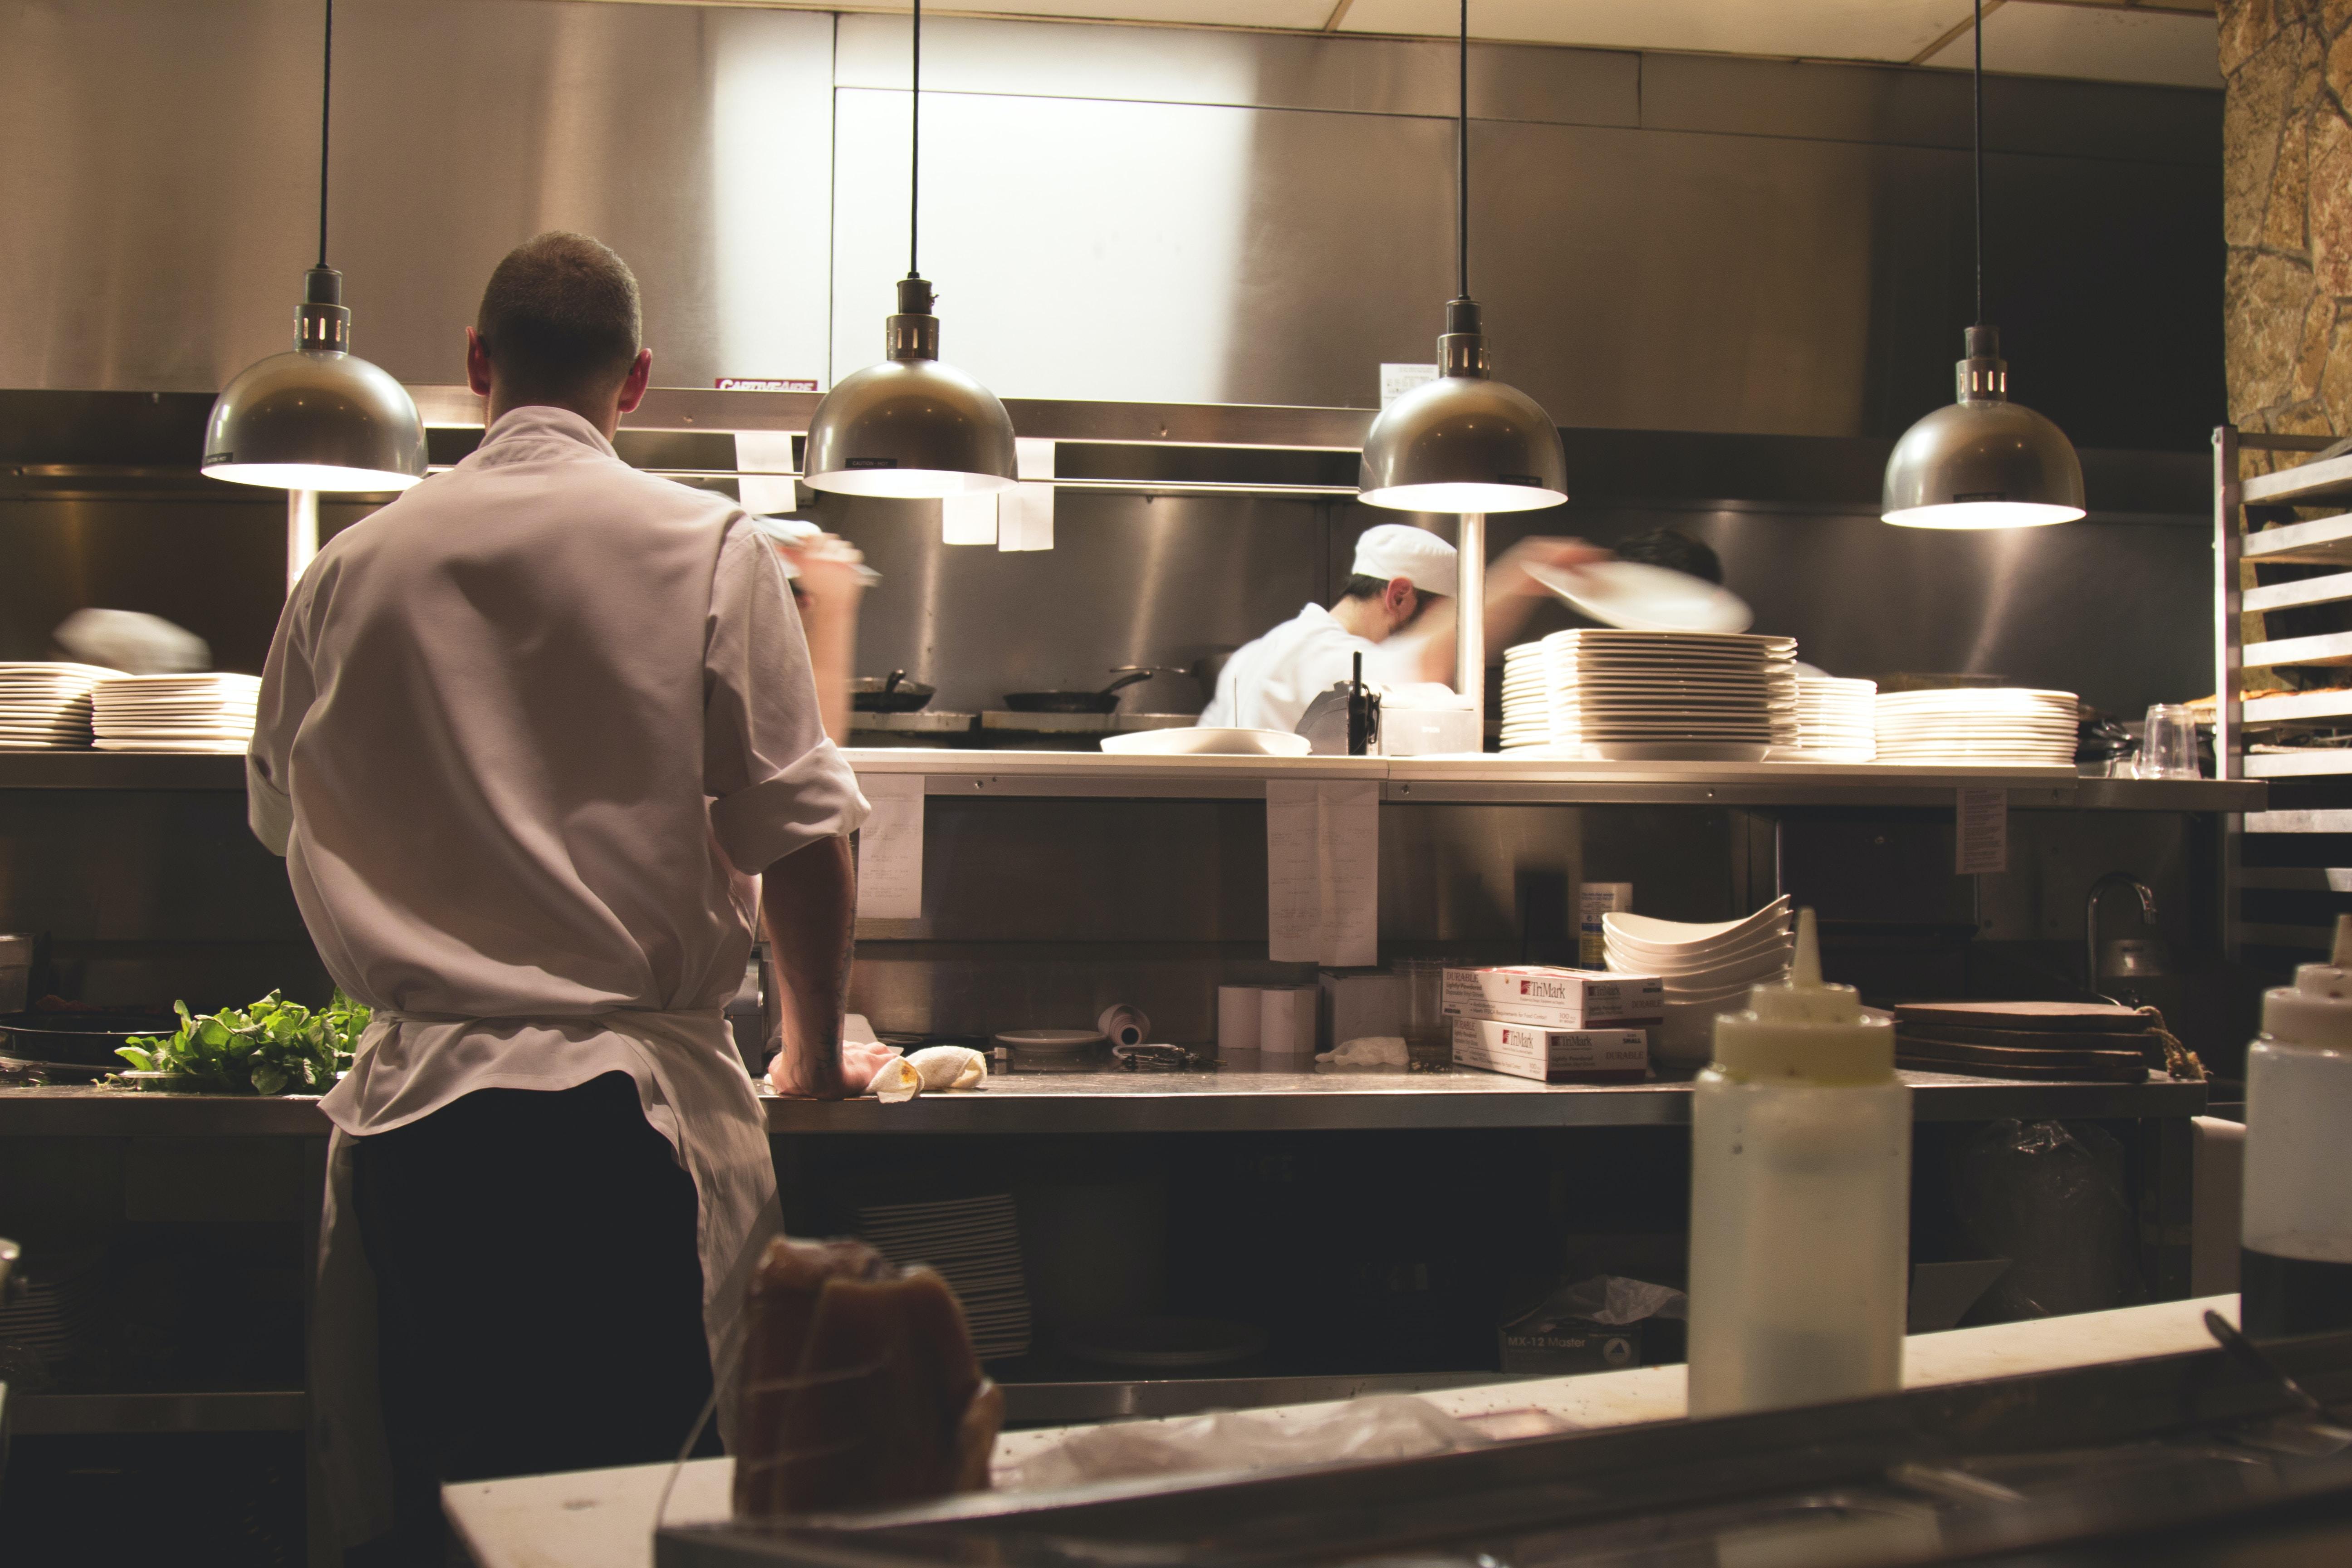 Restaurants Seek to Eliminate Food Waste